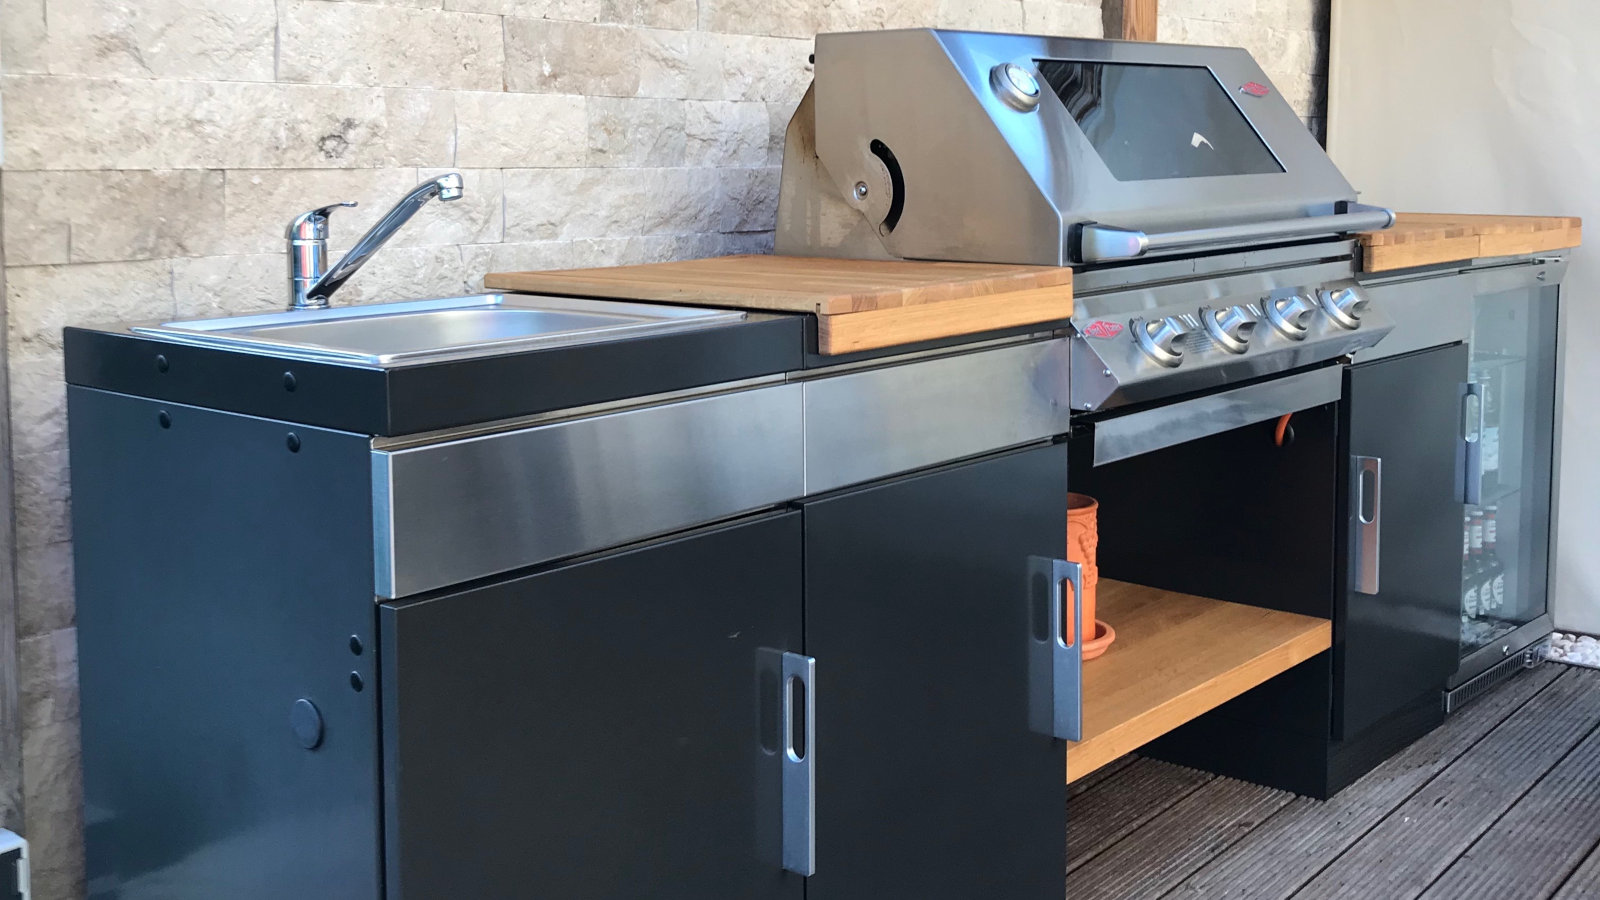 Outdoor Küche Edelstahl Vergleich : Beefeater 1100 outdoorküche traumküche bauen mit gardelino.de